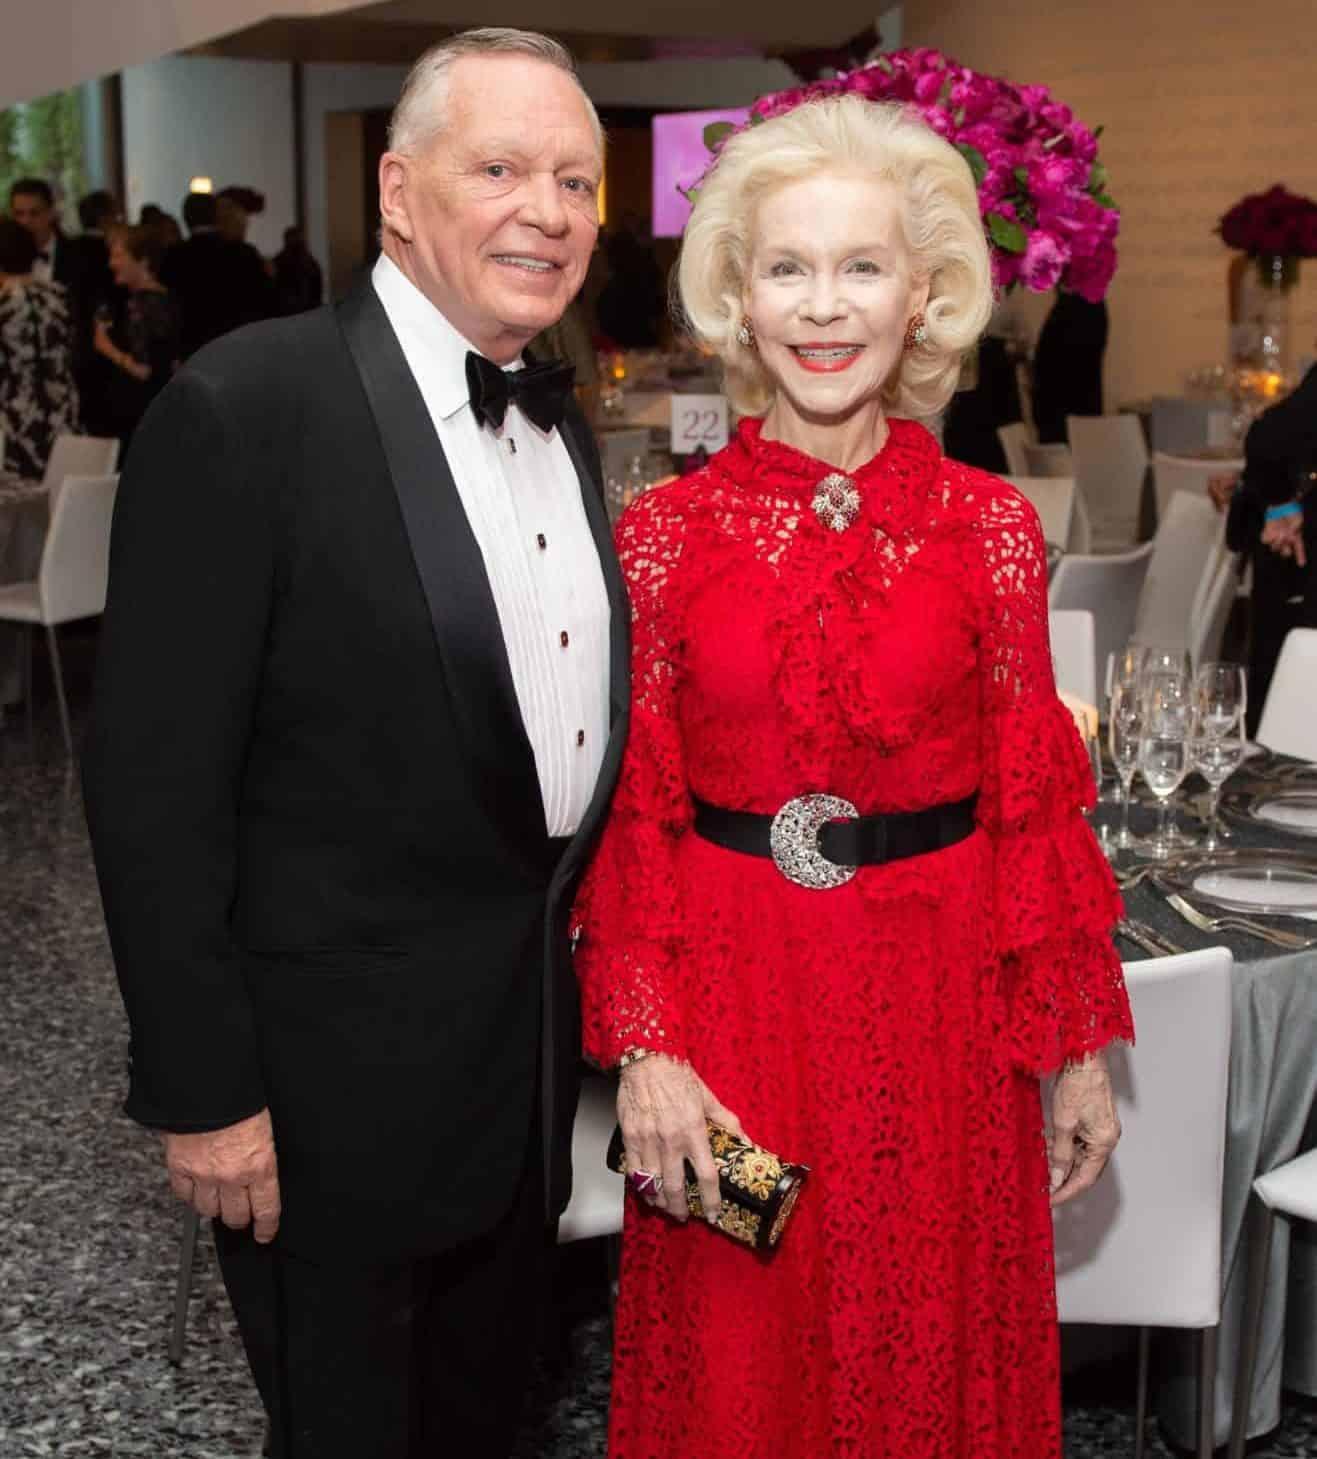 Richard Flowers and Lynn Wyatt